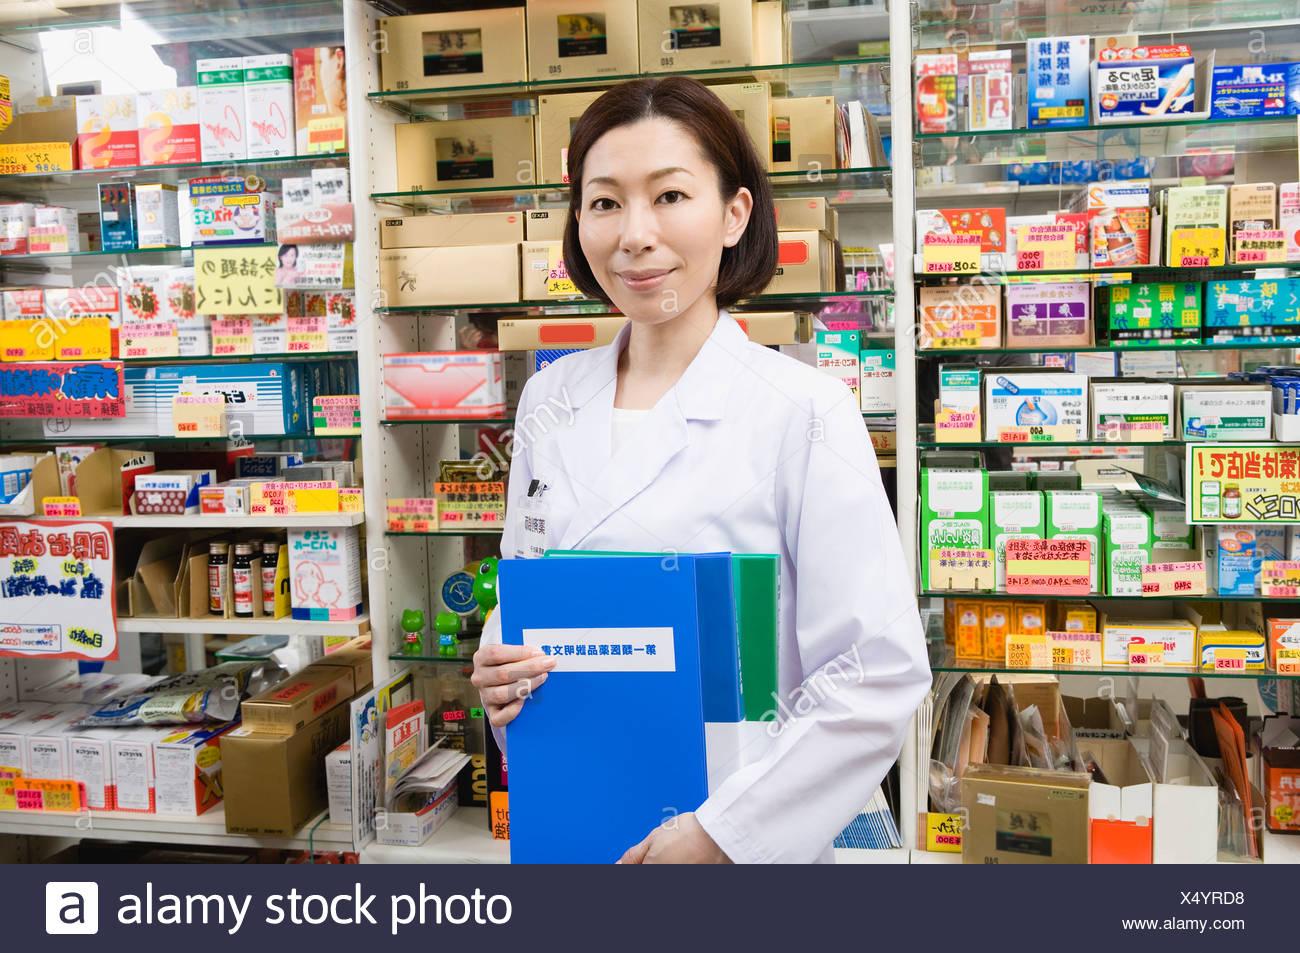 Pharmacist Holding File of Description for Type-1 OTC Drugs - Stock Image